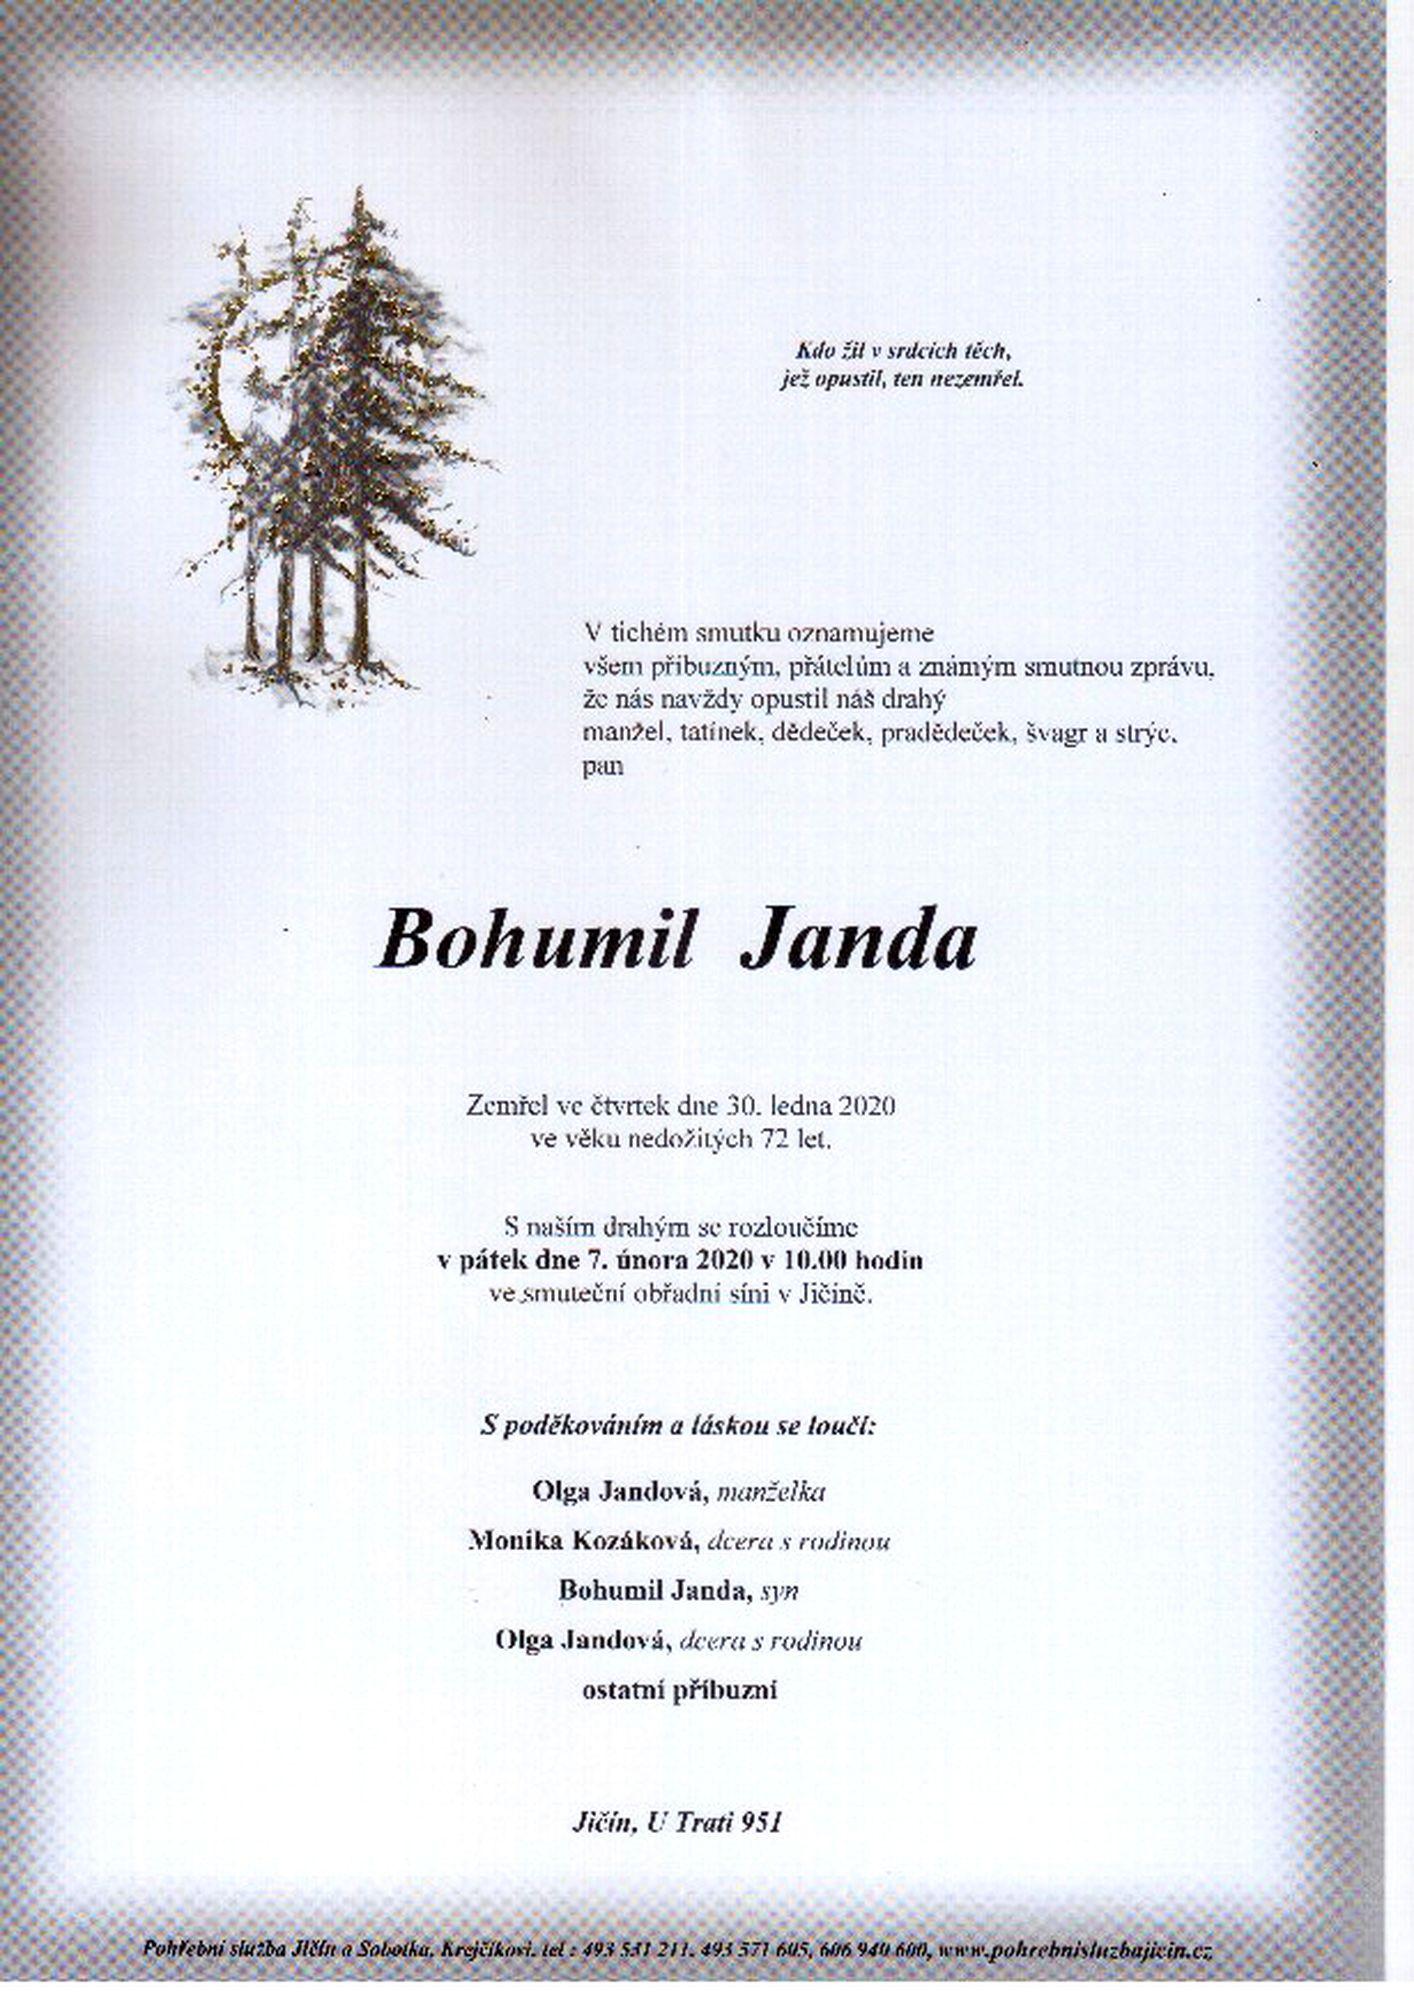 Bohumil Janda